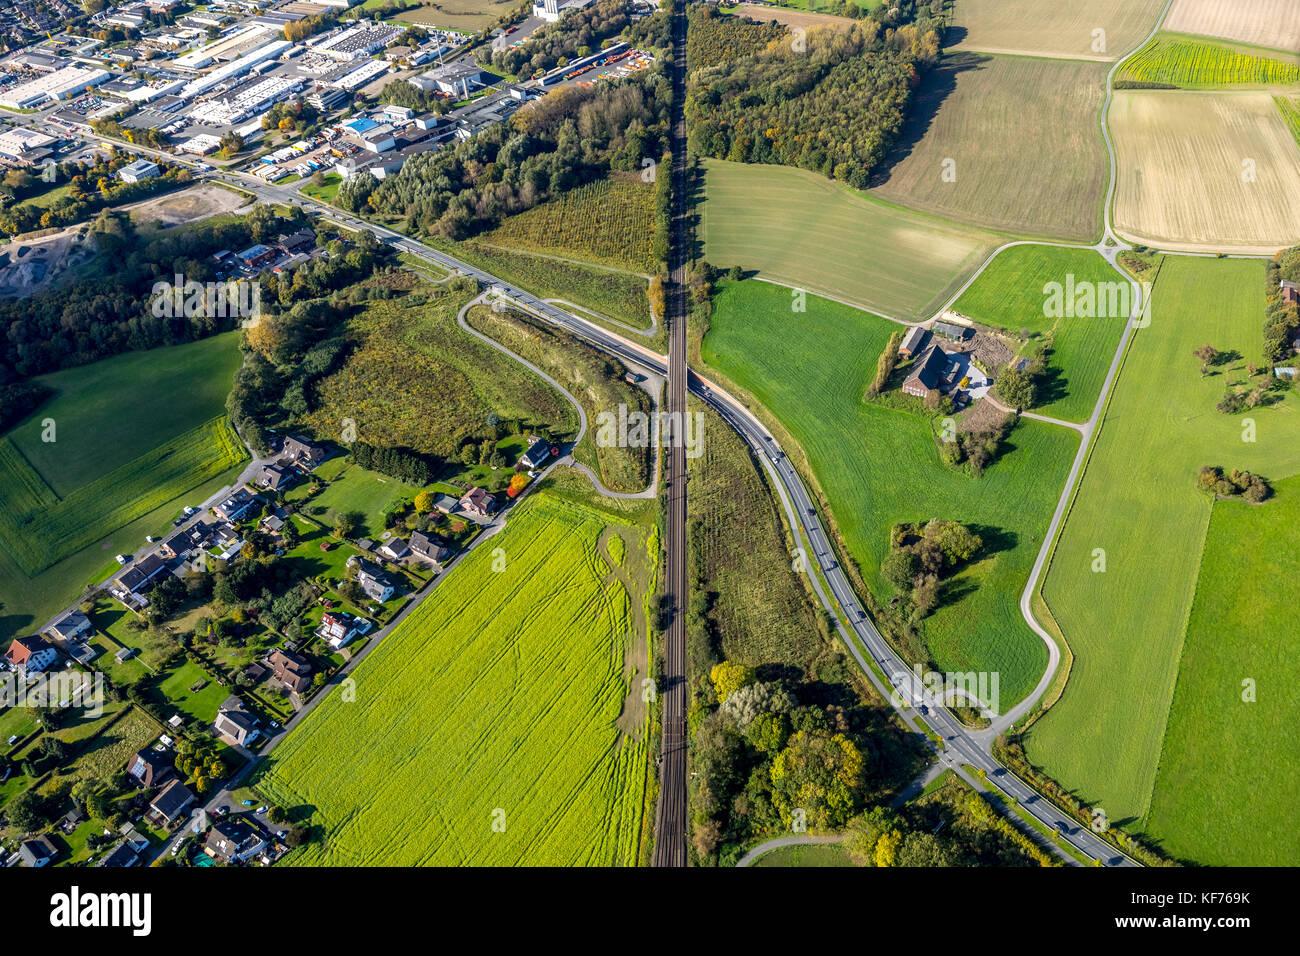 Warendorfer Straße, railway line, road underpass, bridge, railway underpass. Transition to Heessen Bockum-Hoevel, - Stock Image